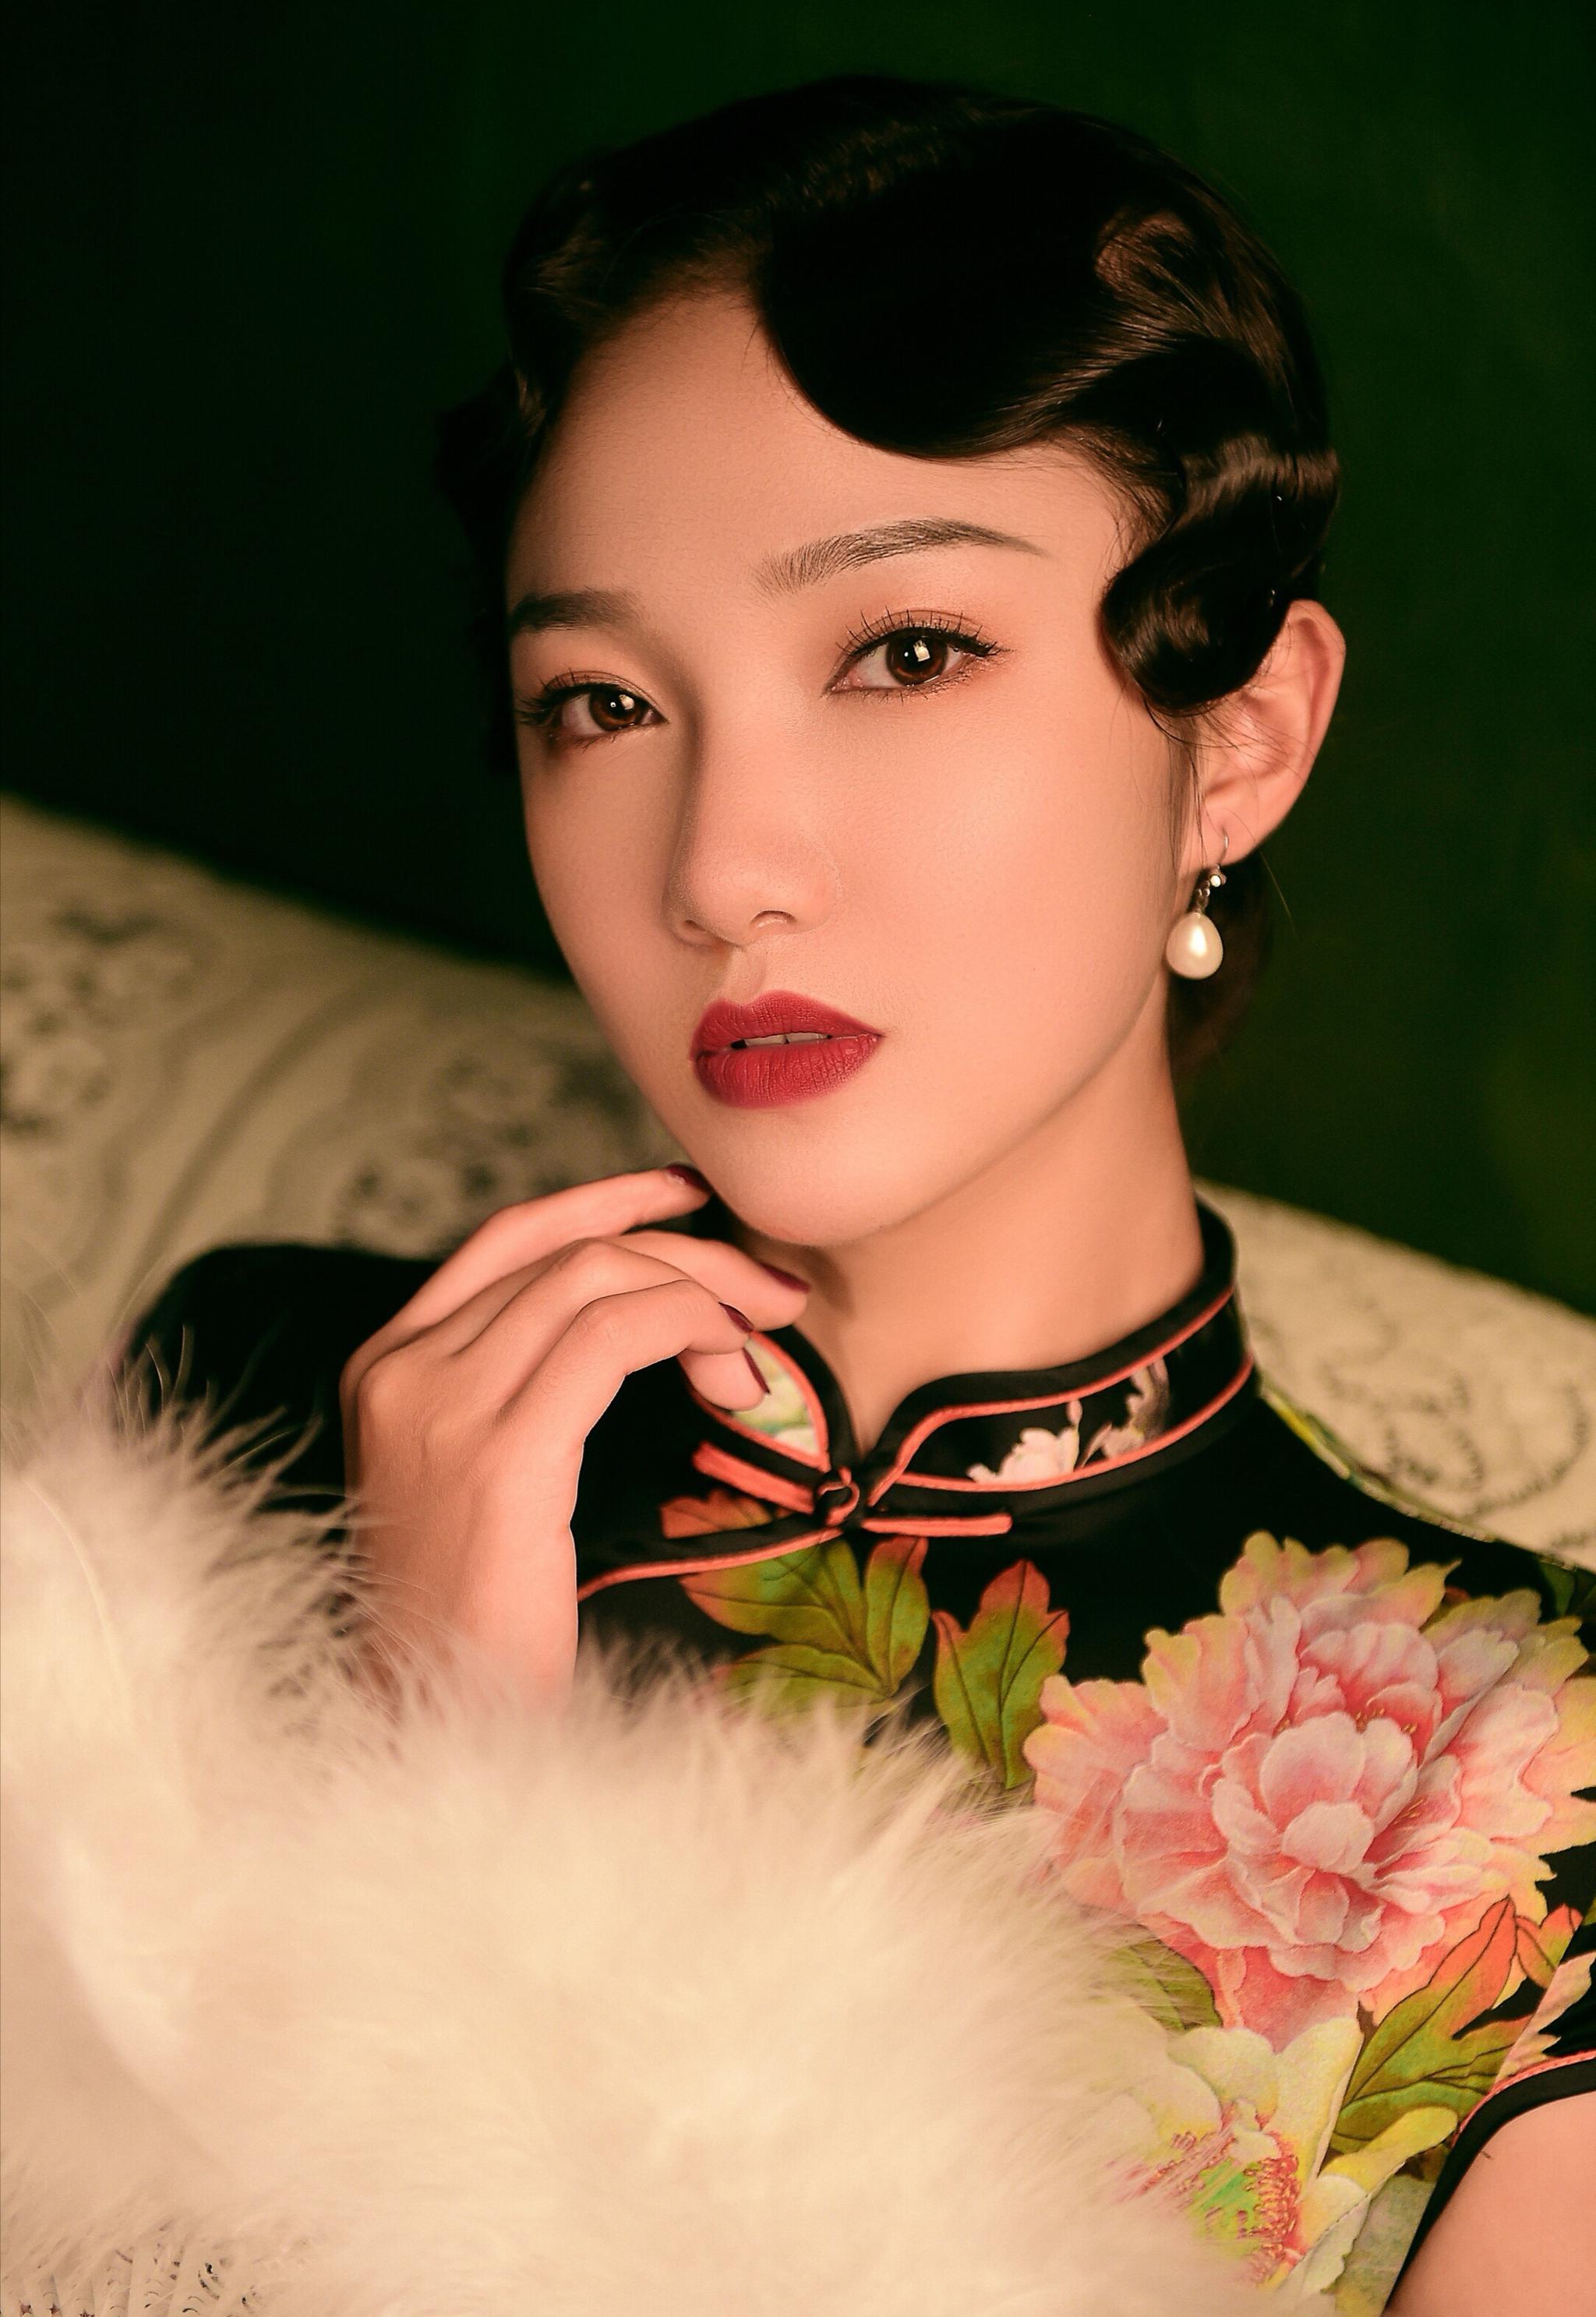 南京艺术学院19级表演本科生 2000年 白羊座 来自新疆